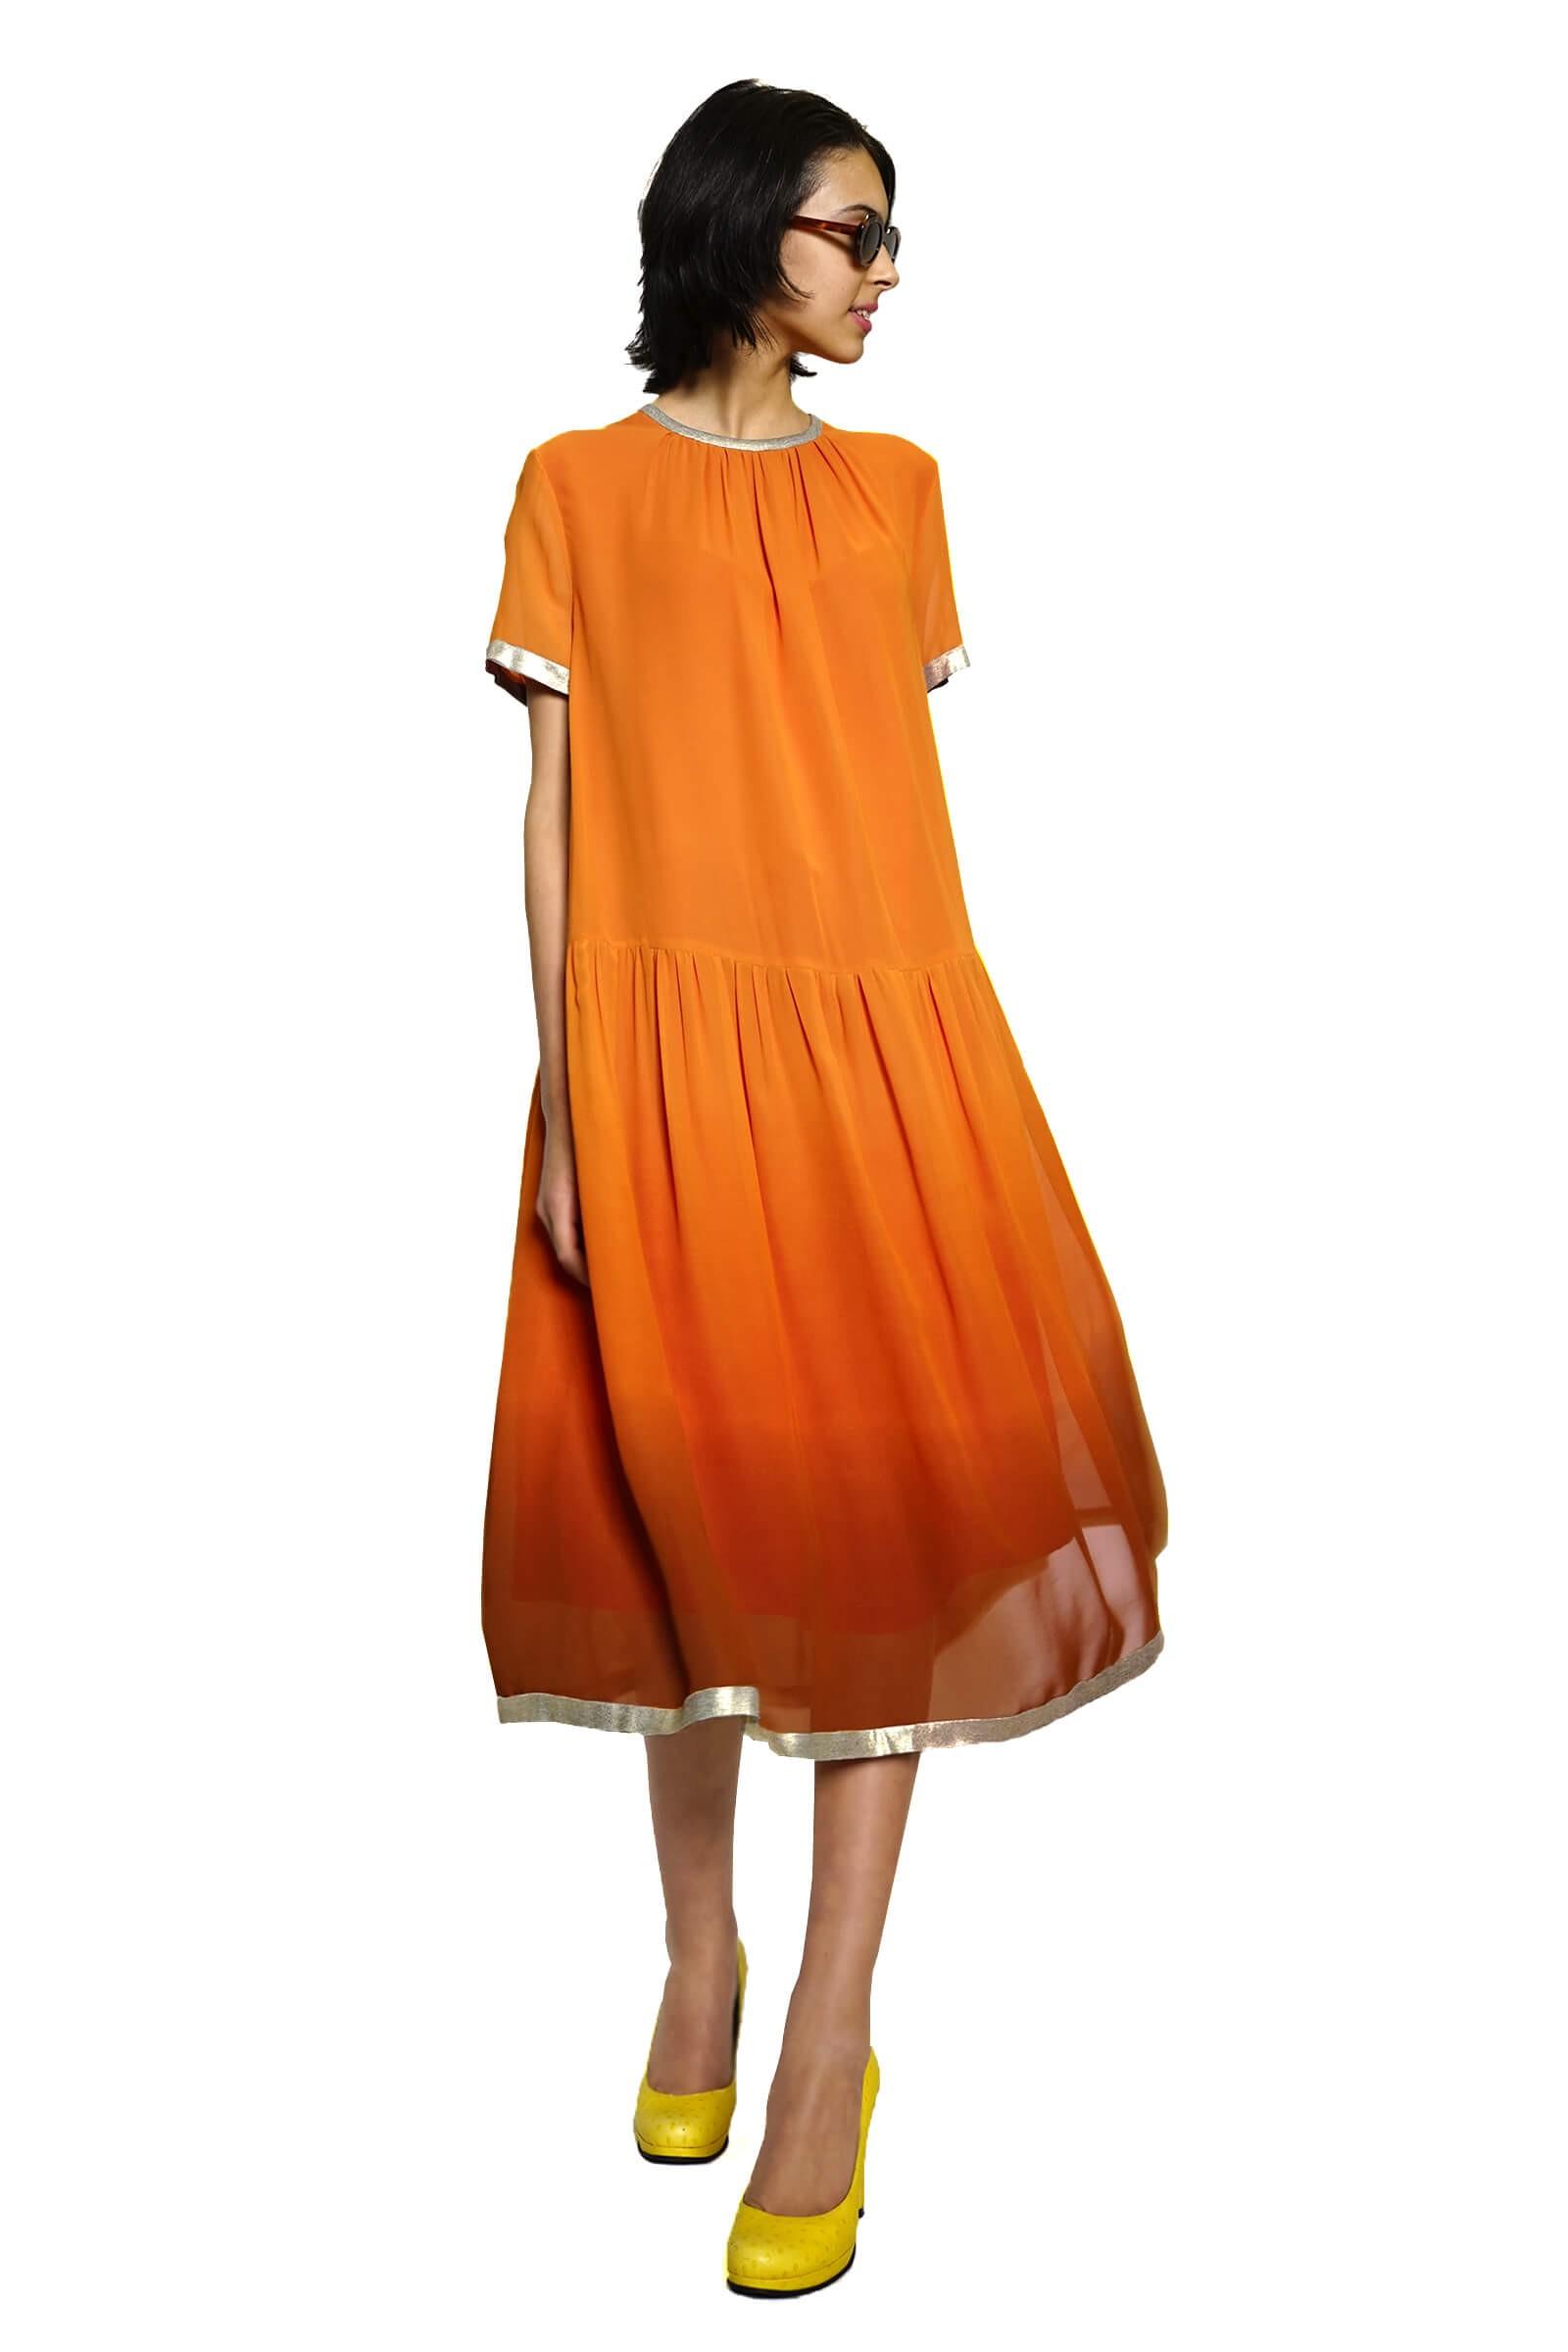 Gradient orange veil midi...